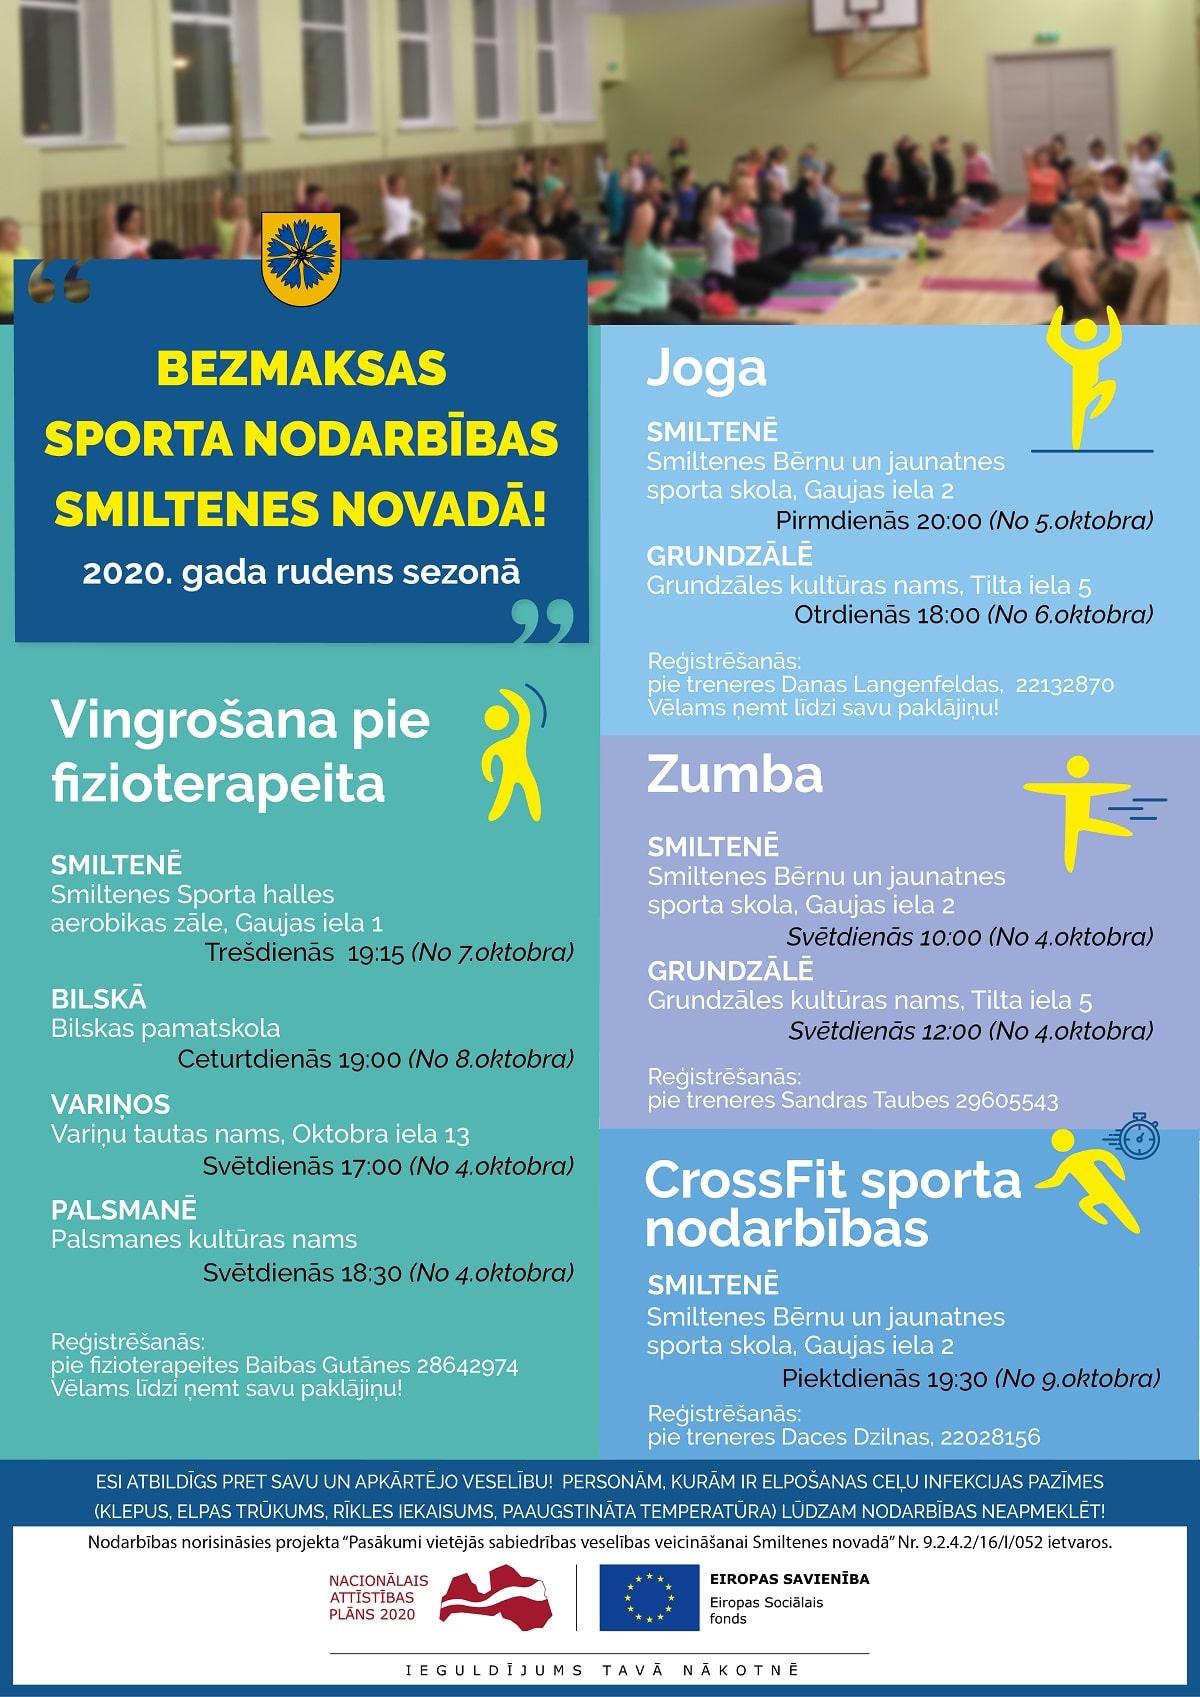 Oktobrī uzsāksies bezmaksas sporta nodarbības Smiltenes novadā